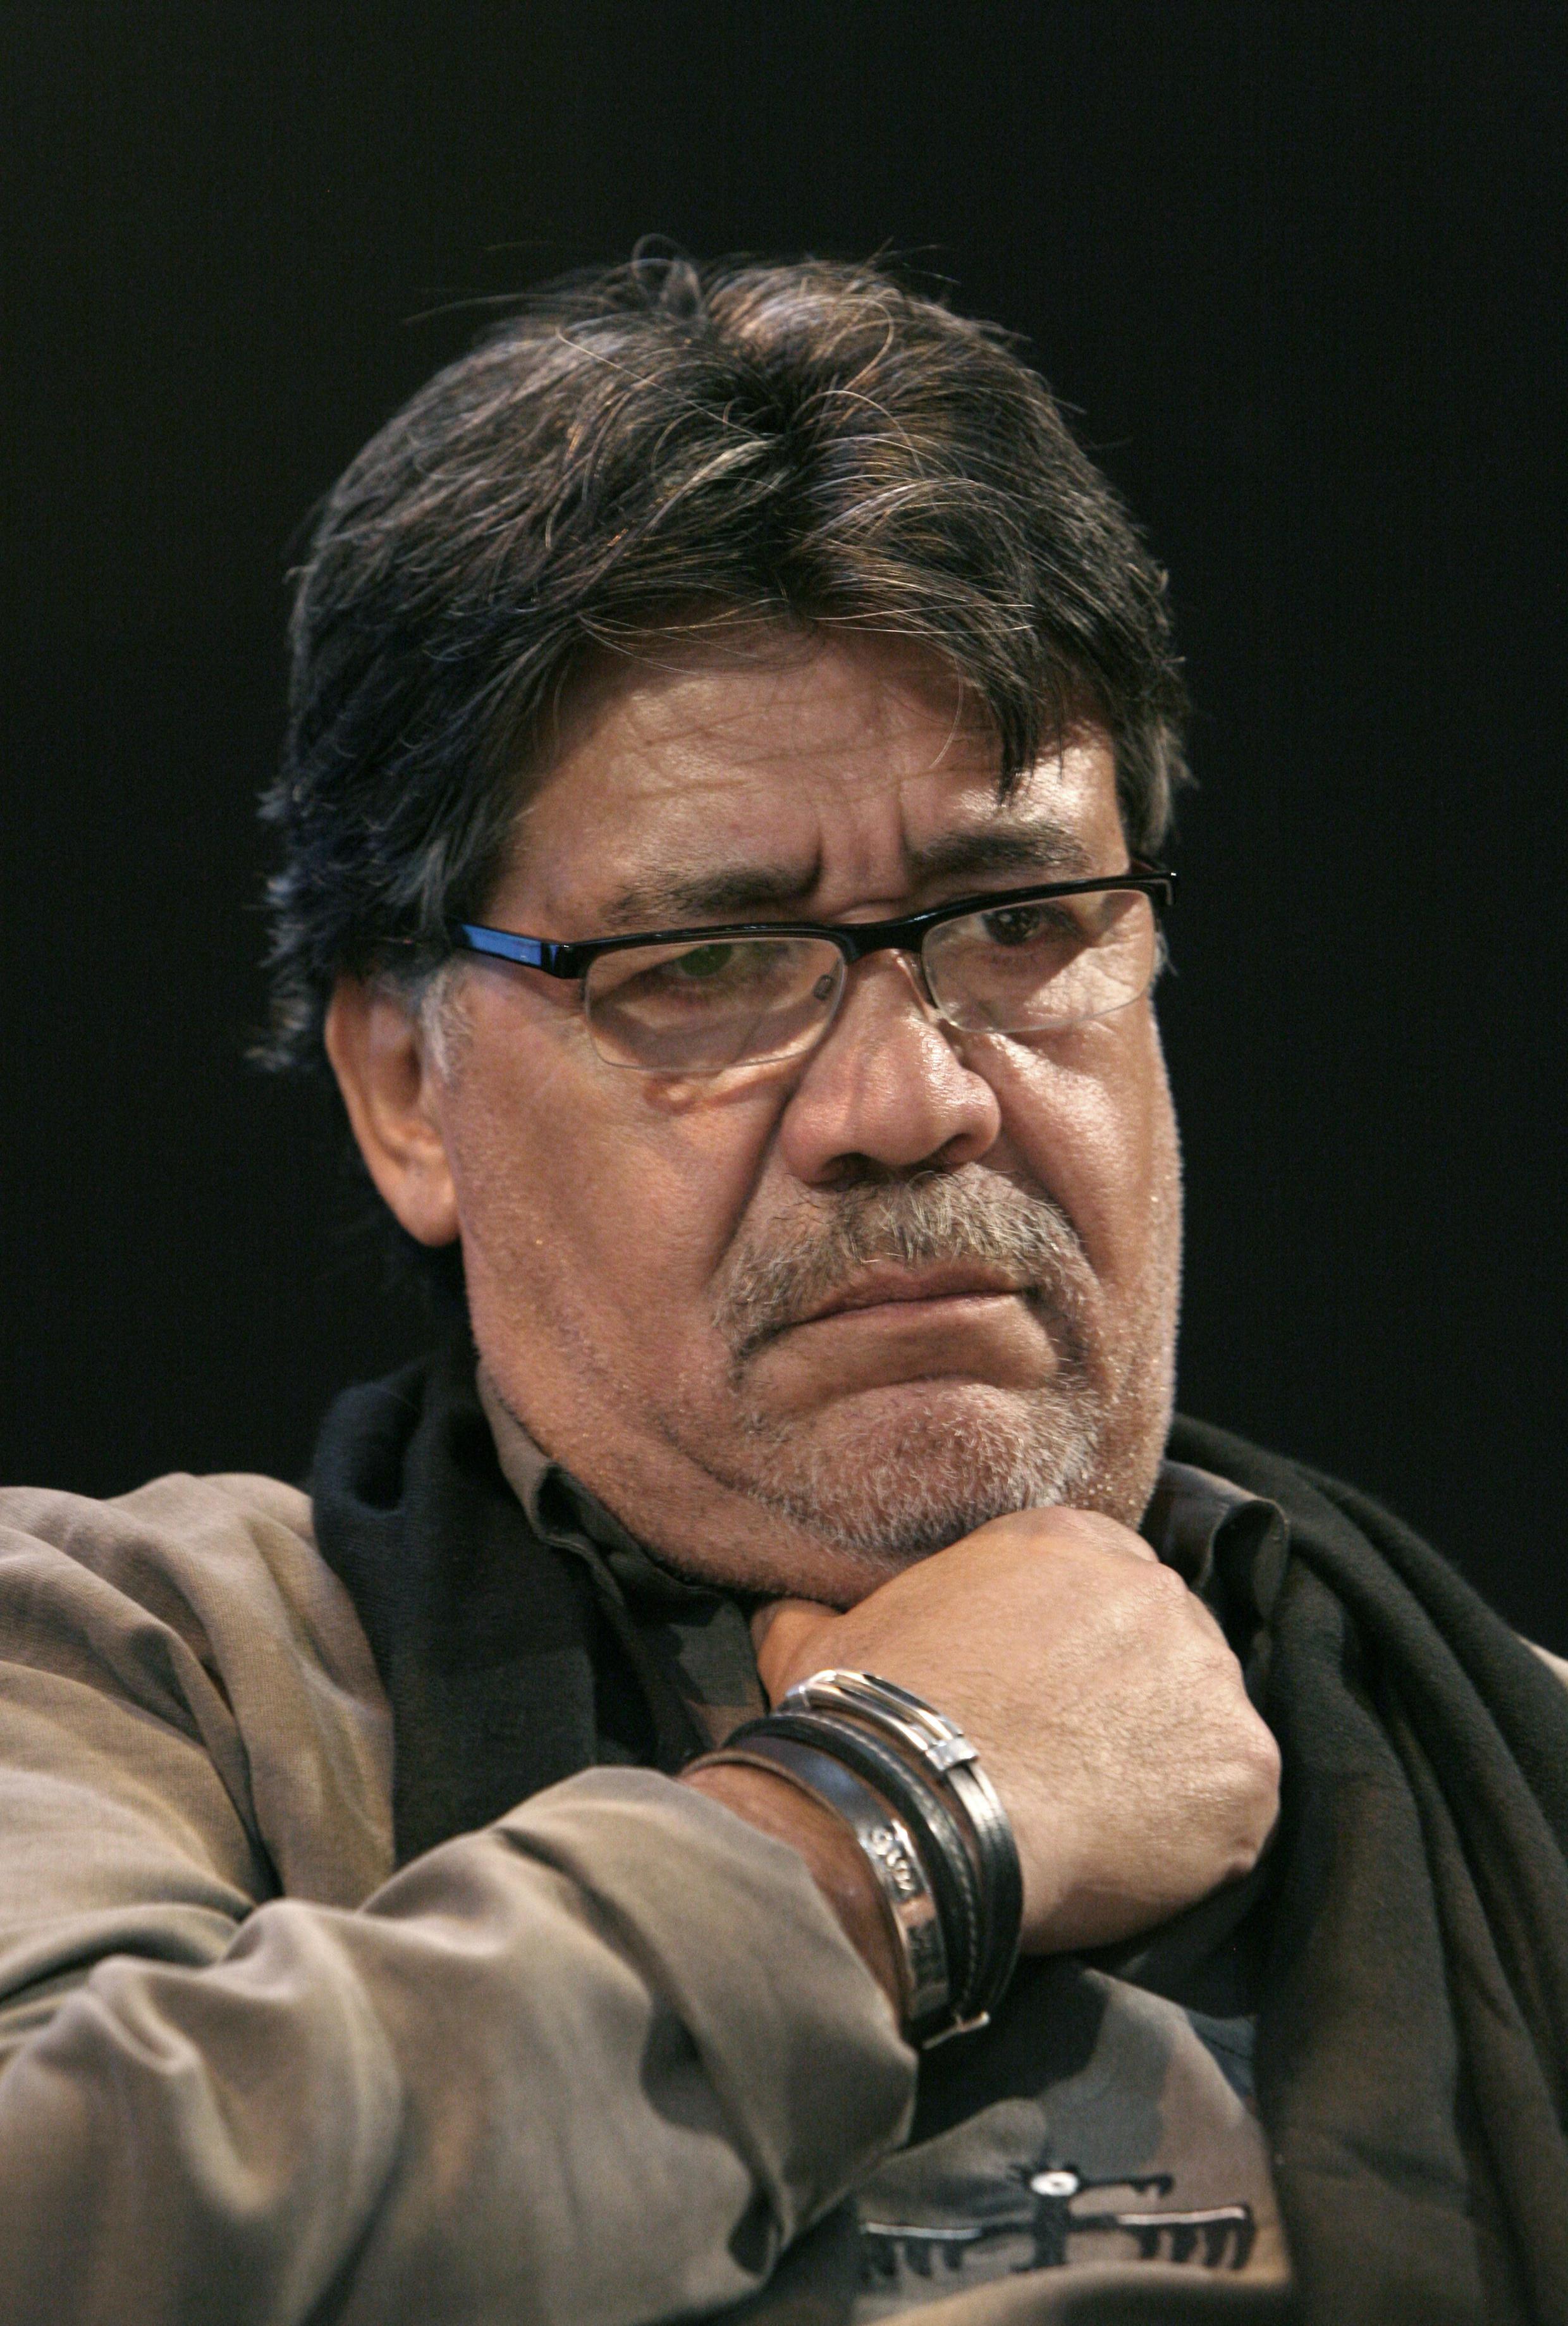 """O escritor chileno Luis Sepúlveda, durante a noite de autógrafos de seu livro """"A sombra do que éramos"""", em 30 de março de 2010, em Paris."""